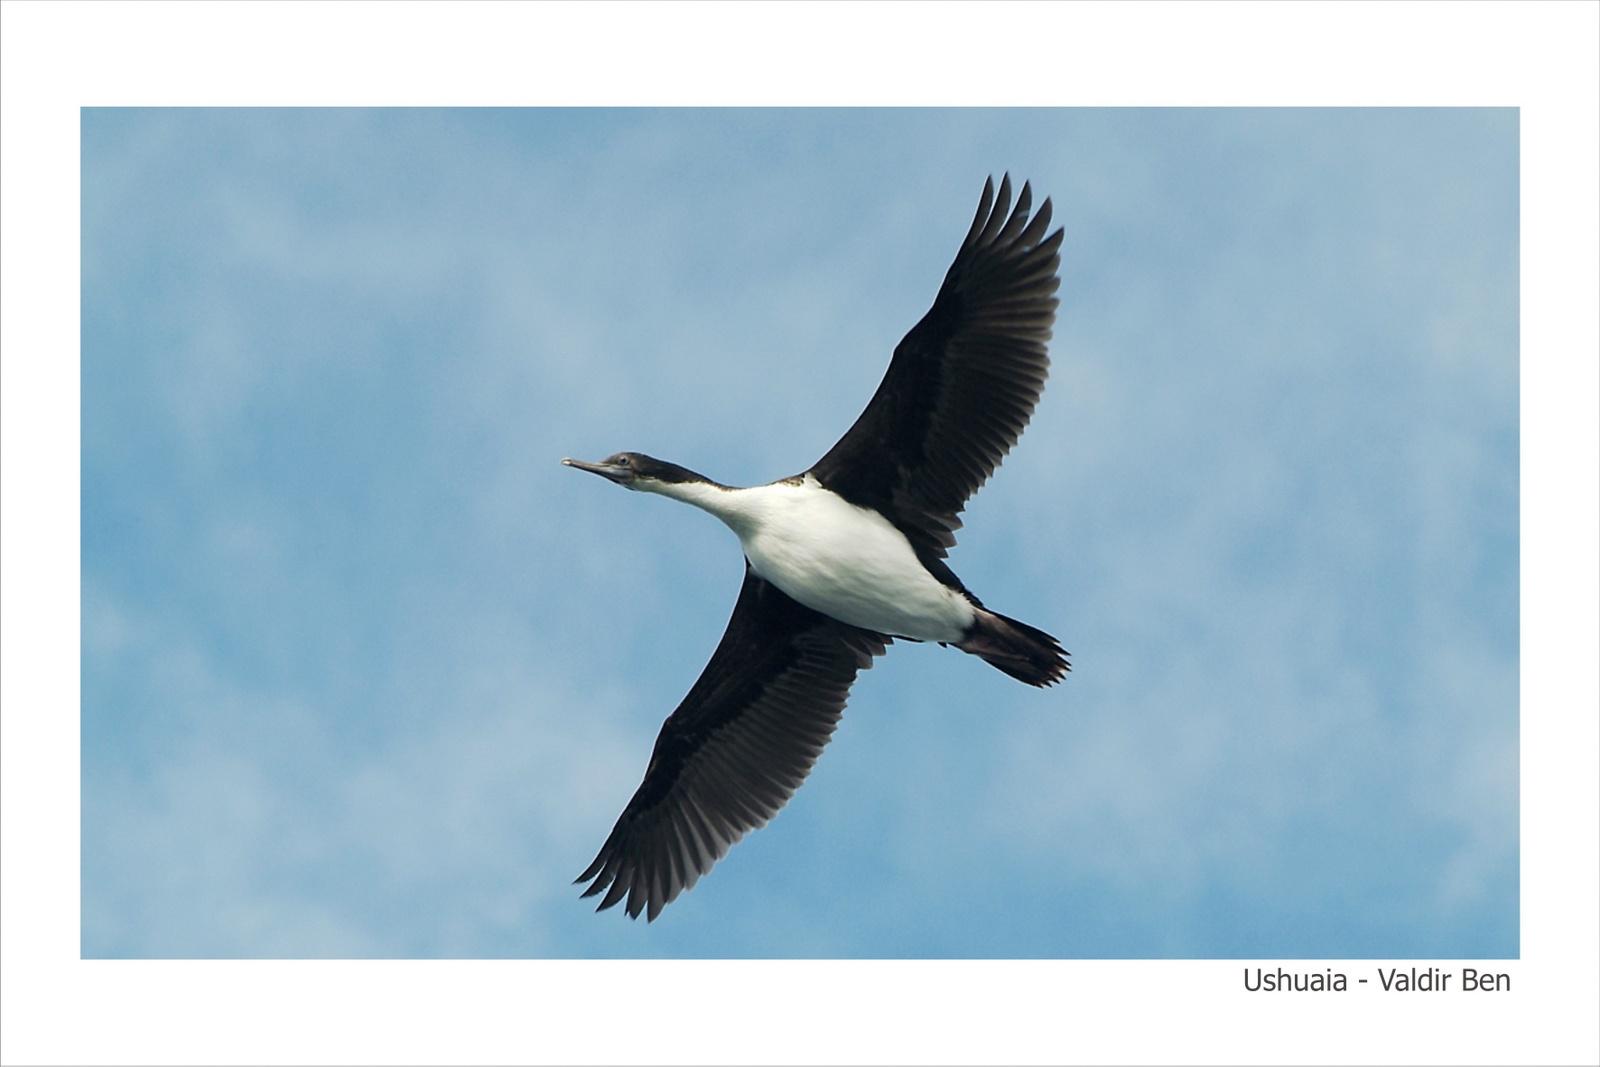 Ushuaia - Valdir Ben - 20-30